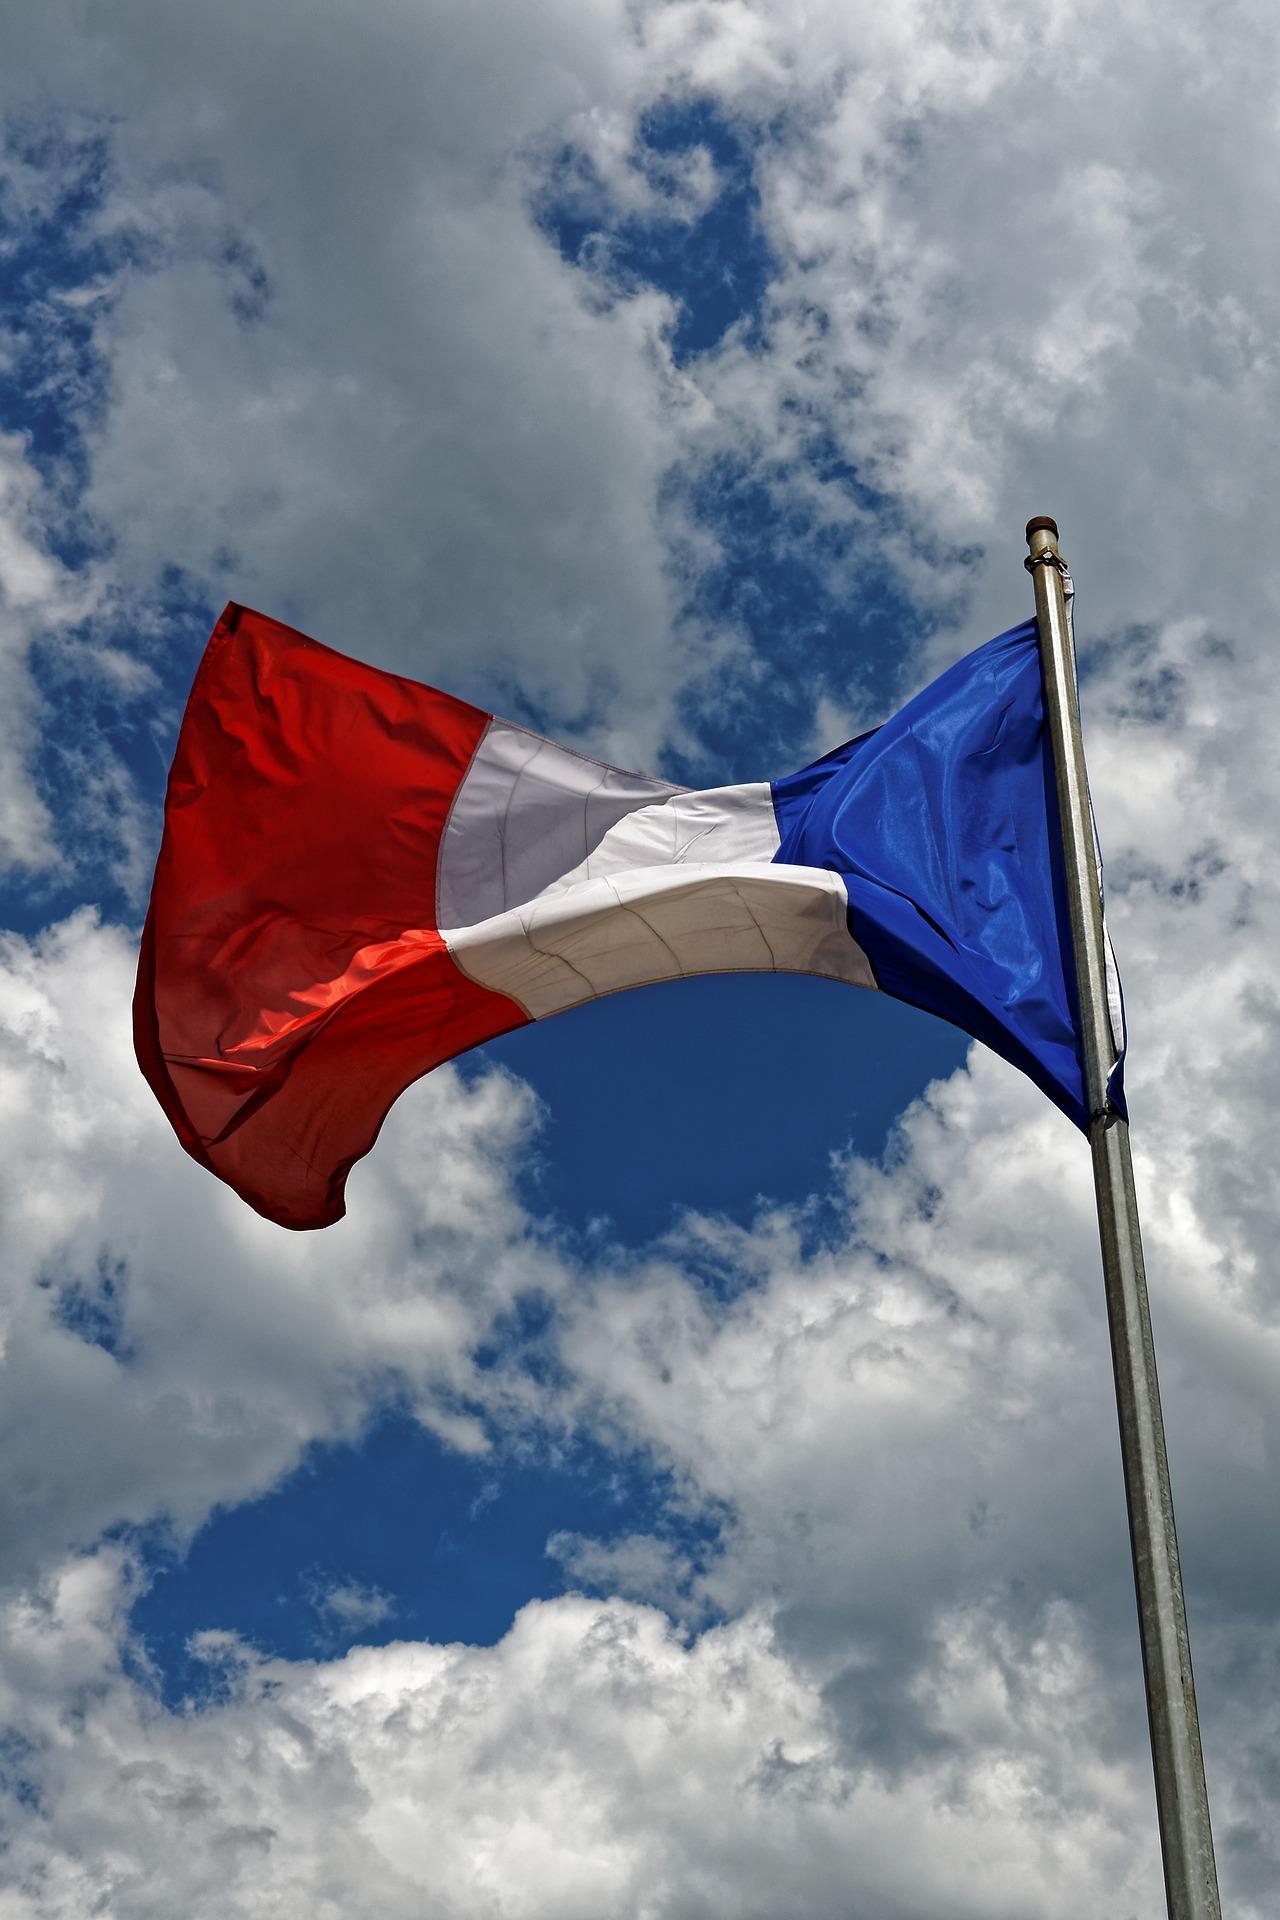 Les Français sont pour le confinement, mais sont contre les mesures restrictives